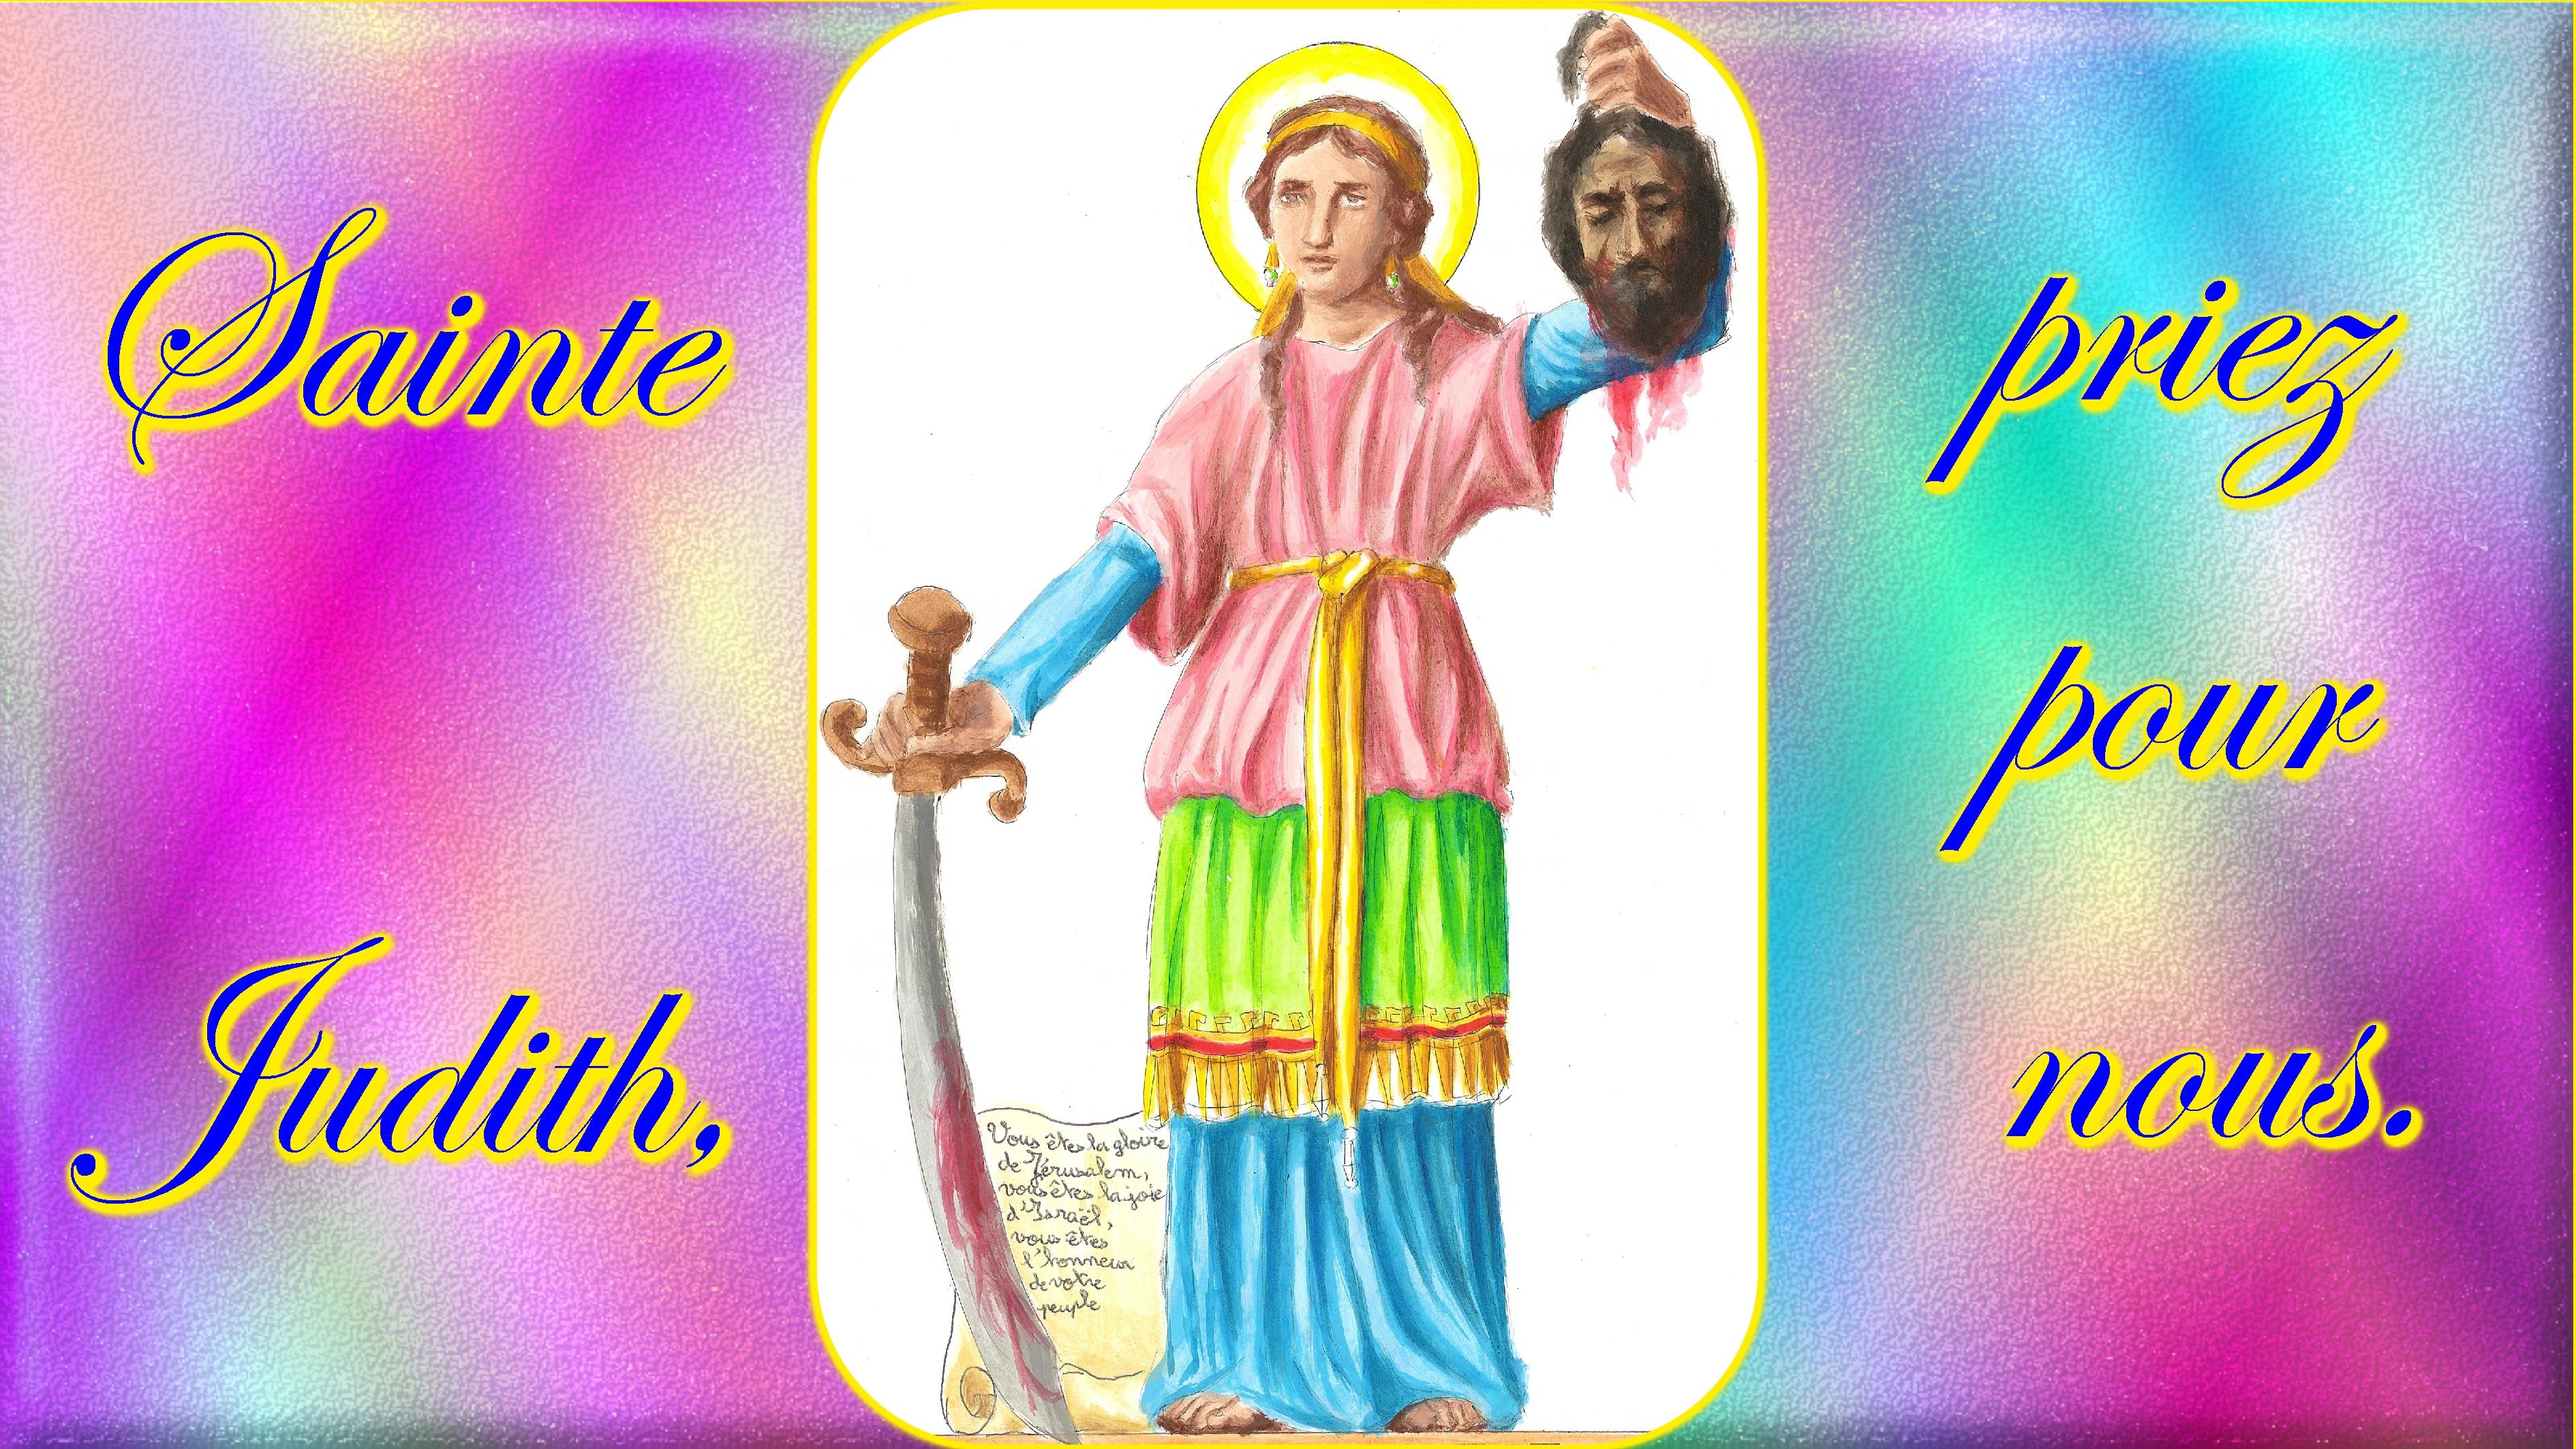 CALENDRIER CATHOLIQUE 2019 (Cantiques, Prières & Images) - Page 10 Ste-judith-569b4f6